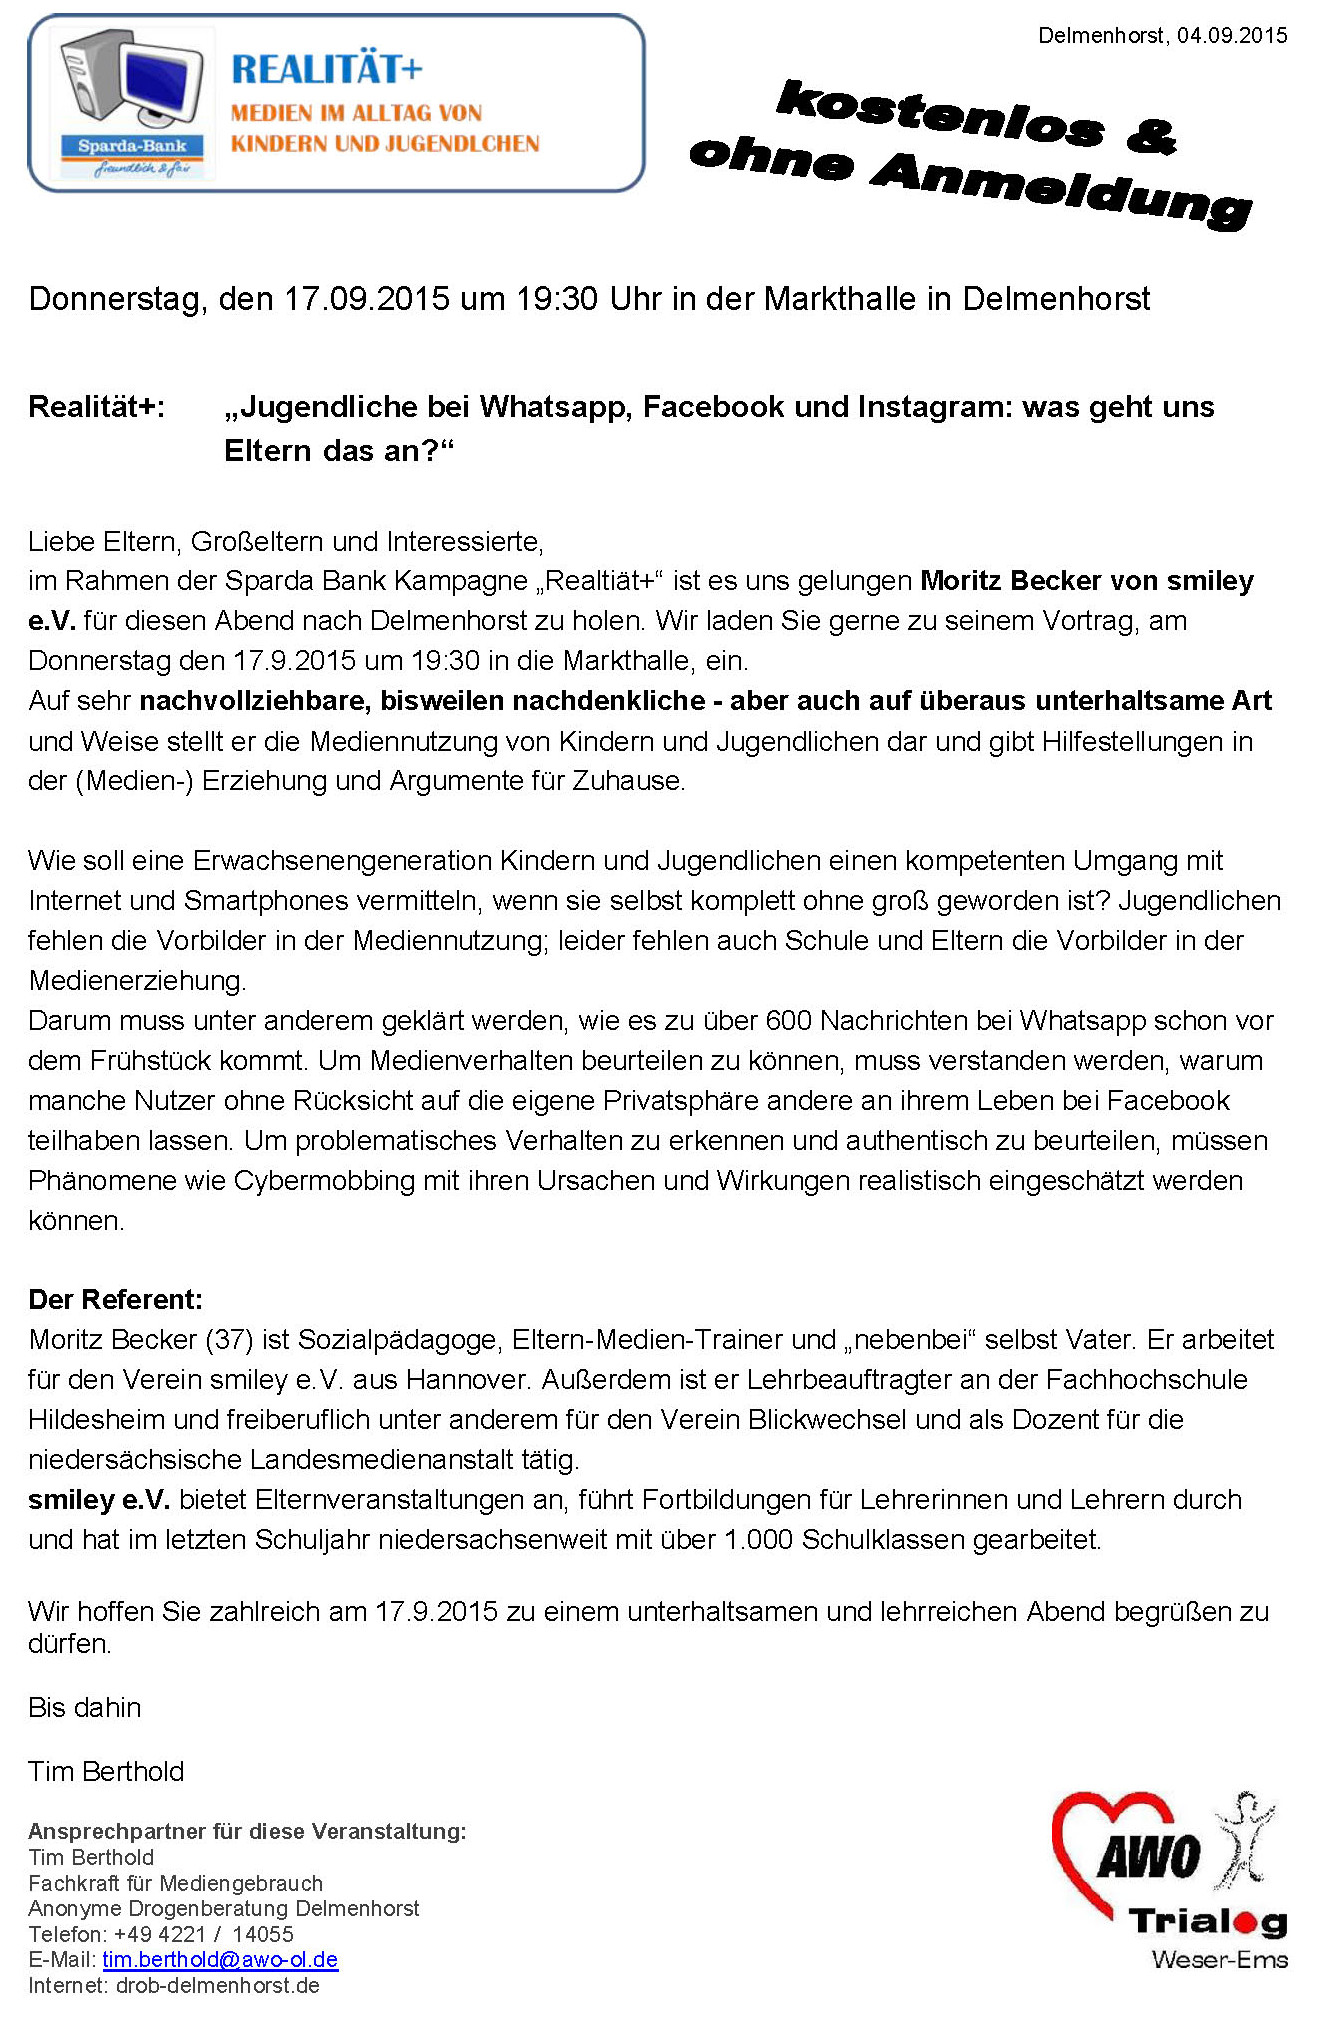 2015.09.04 Einladung zum Infoabend mit Moritz Becker